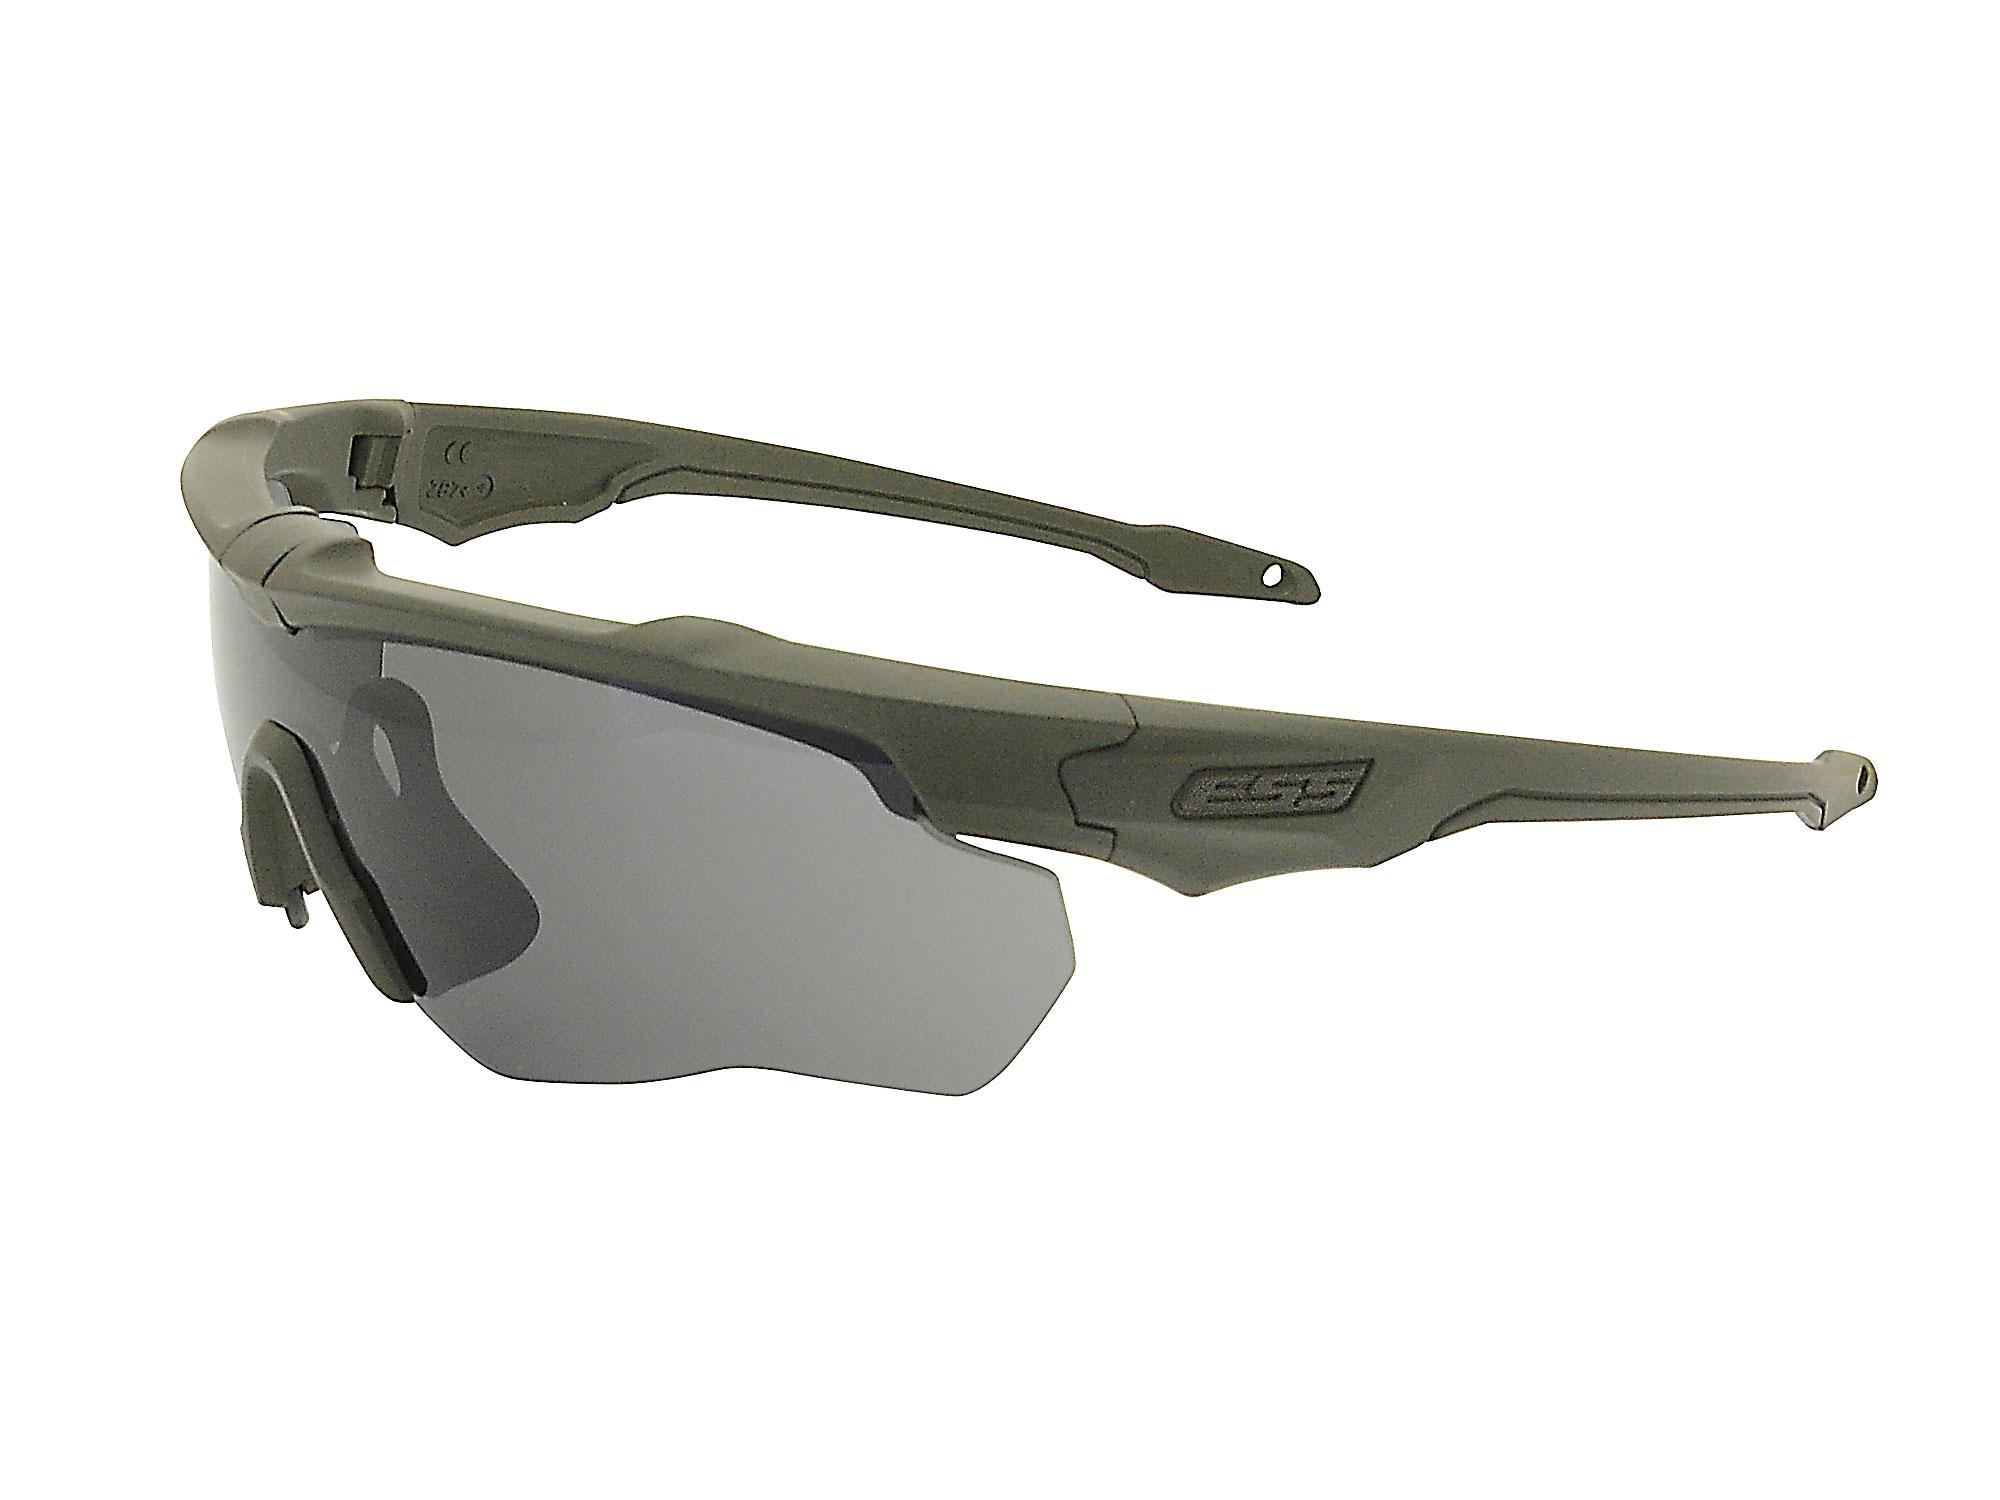 EE9034-109フレーム:オリーブドラブ、レンズ:スモークグレイ